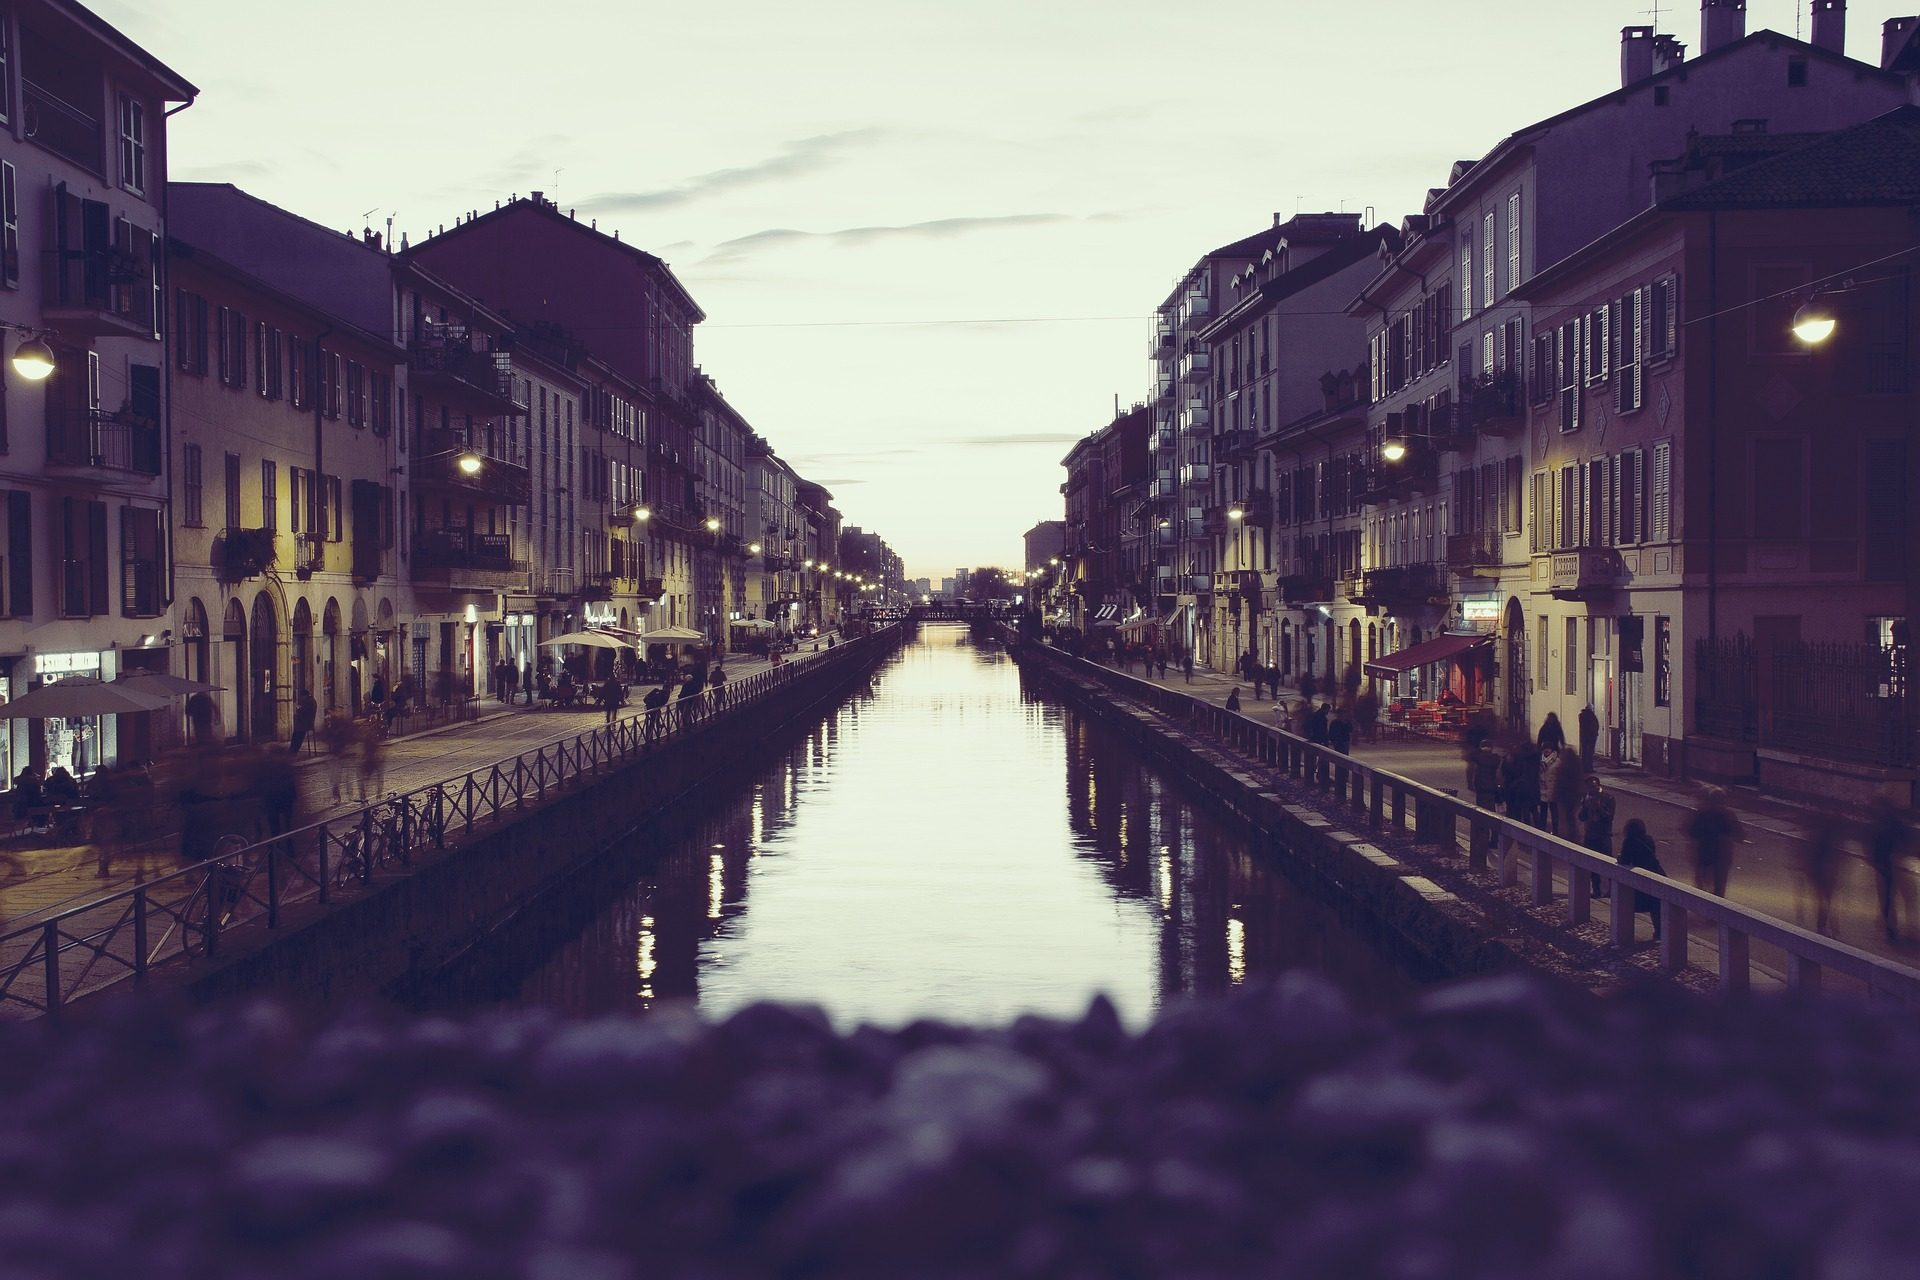 市, チャネル, 水, 観光, 住宅, 空, 反射 - HD の壁紙 - 教授-falken.com